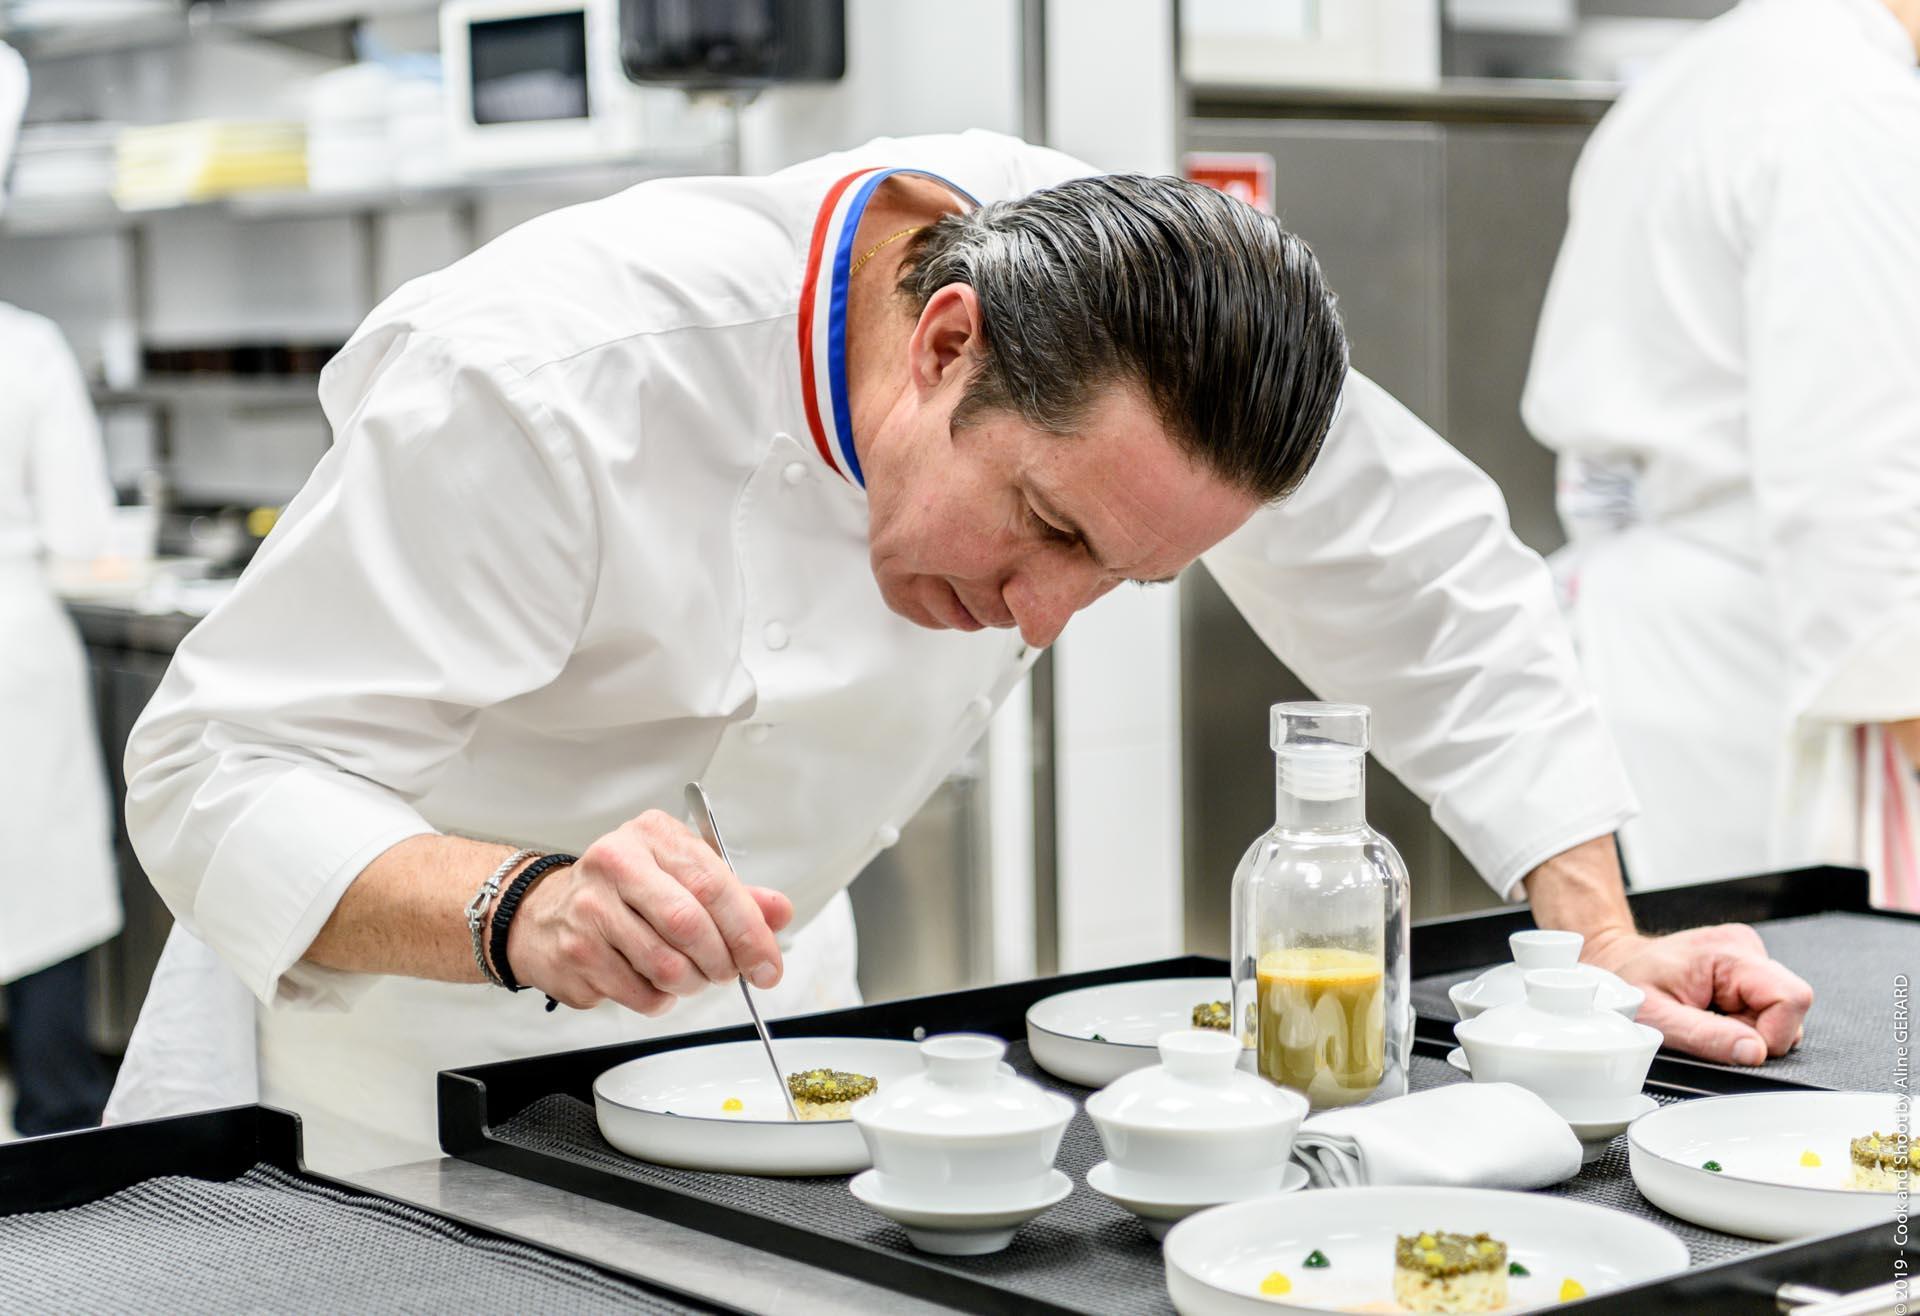 Le chef Christophe Bacquié dans les cuisines de son restaurant éponyme au Castellet © Liveandshoot2020